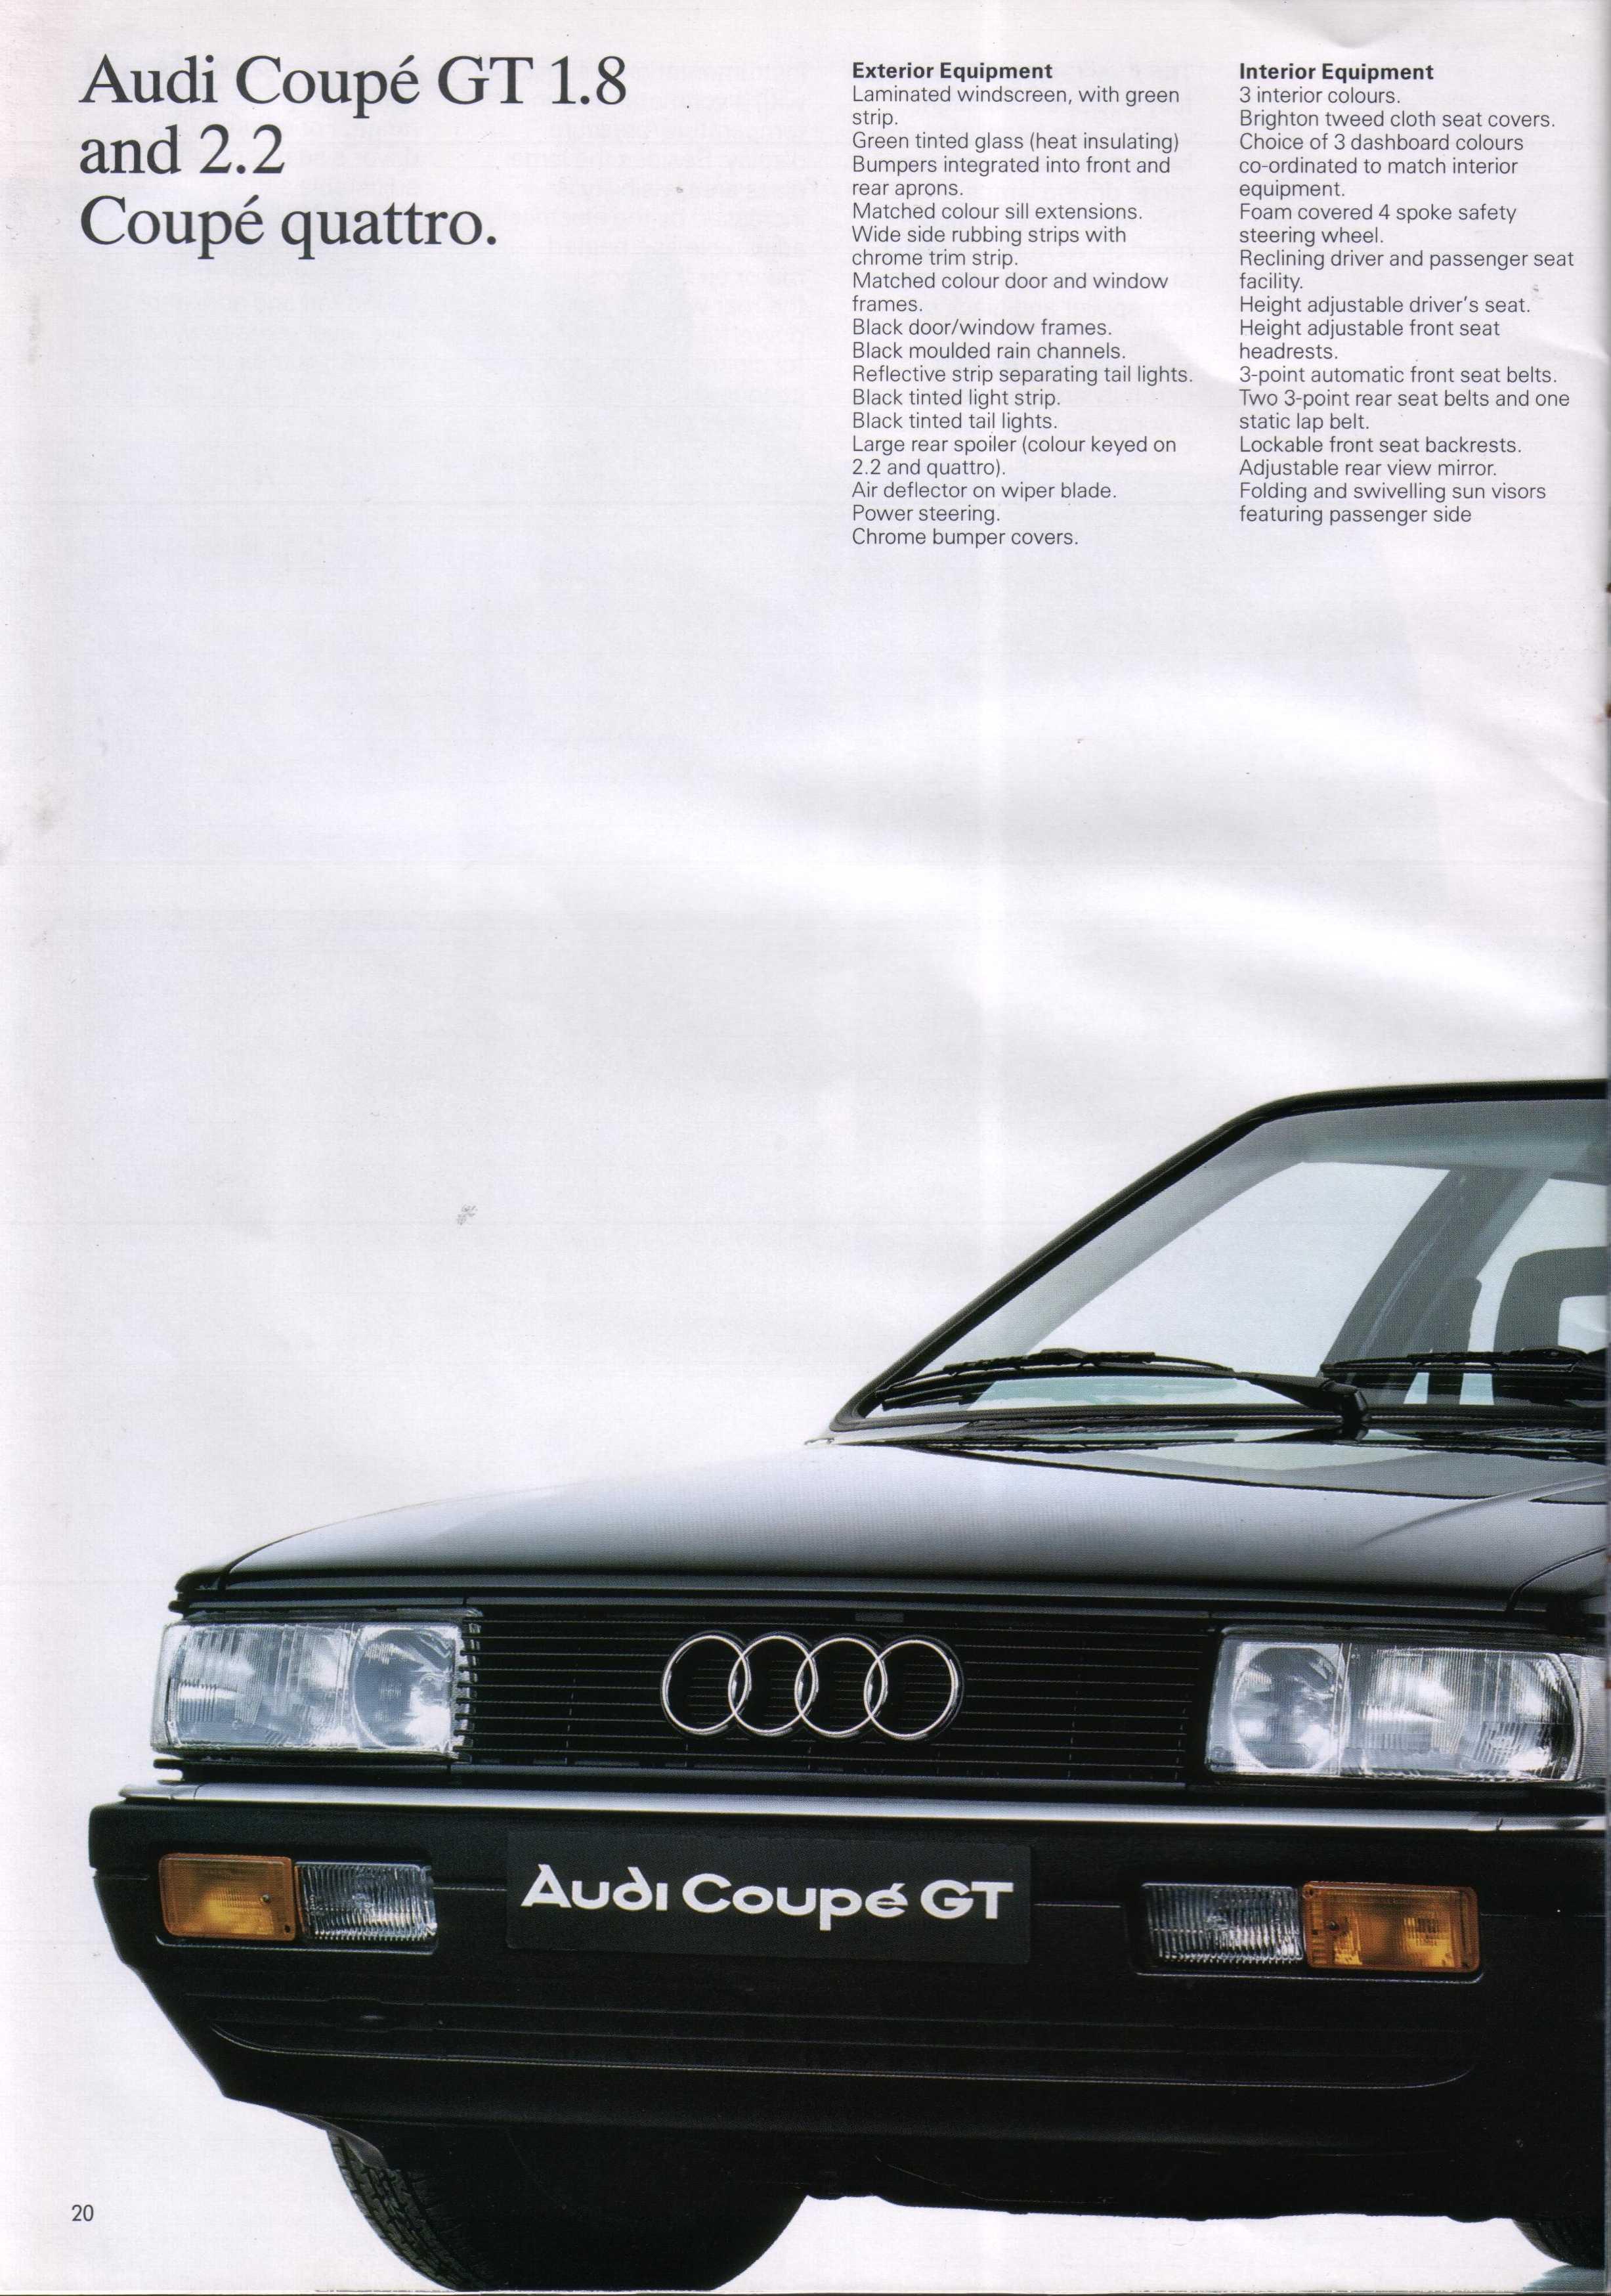 1987 Audi Coupe Brochure